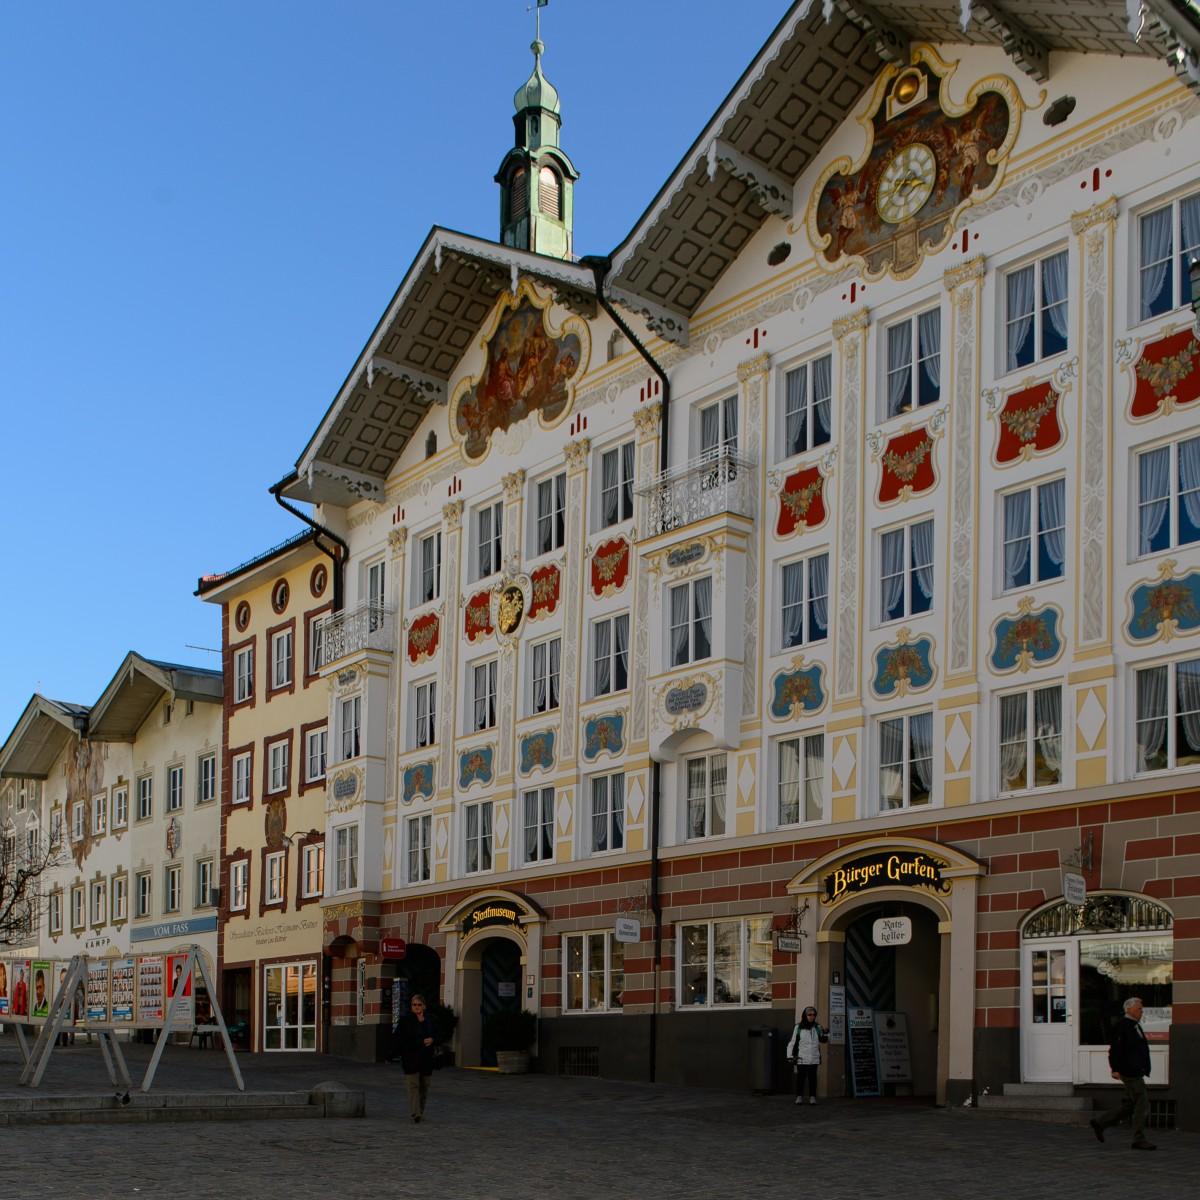 Бад-Тёльц: достопримечательности, музеи, фестивали и отзывы